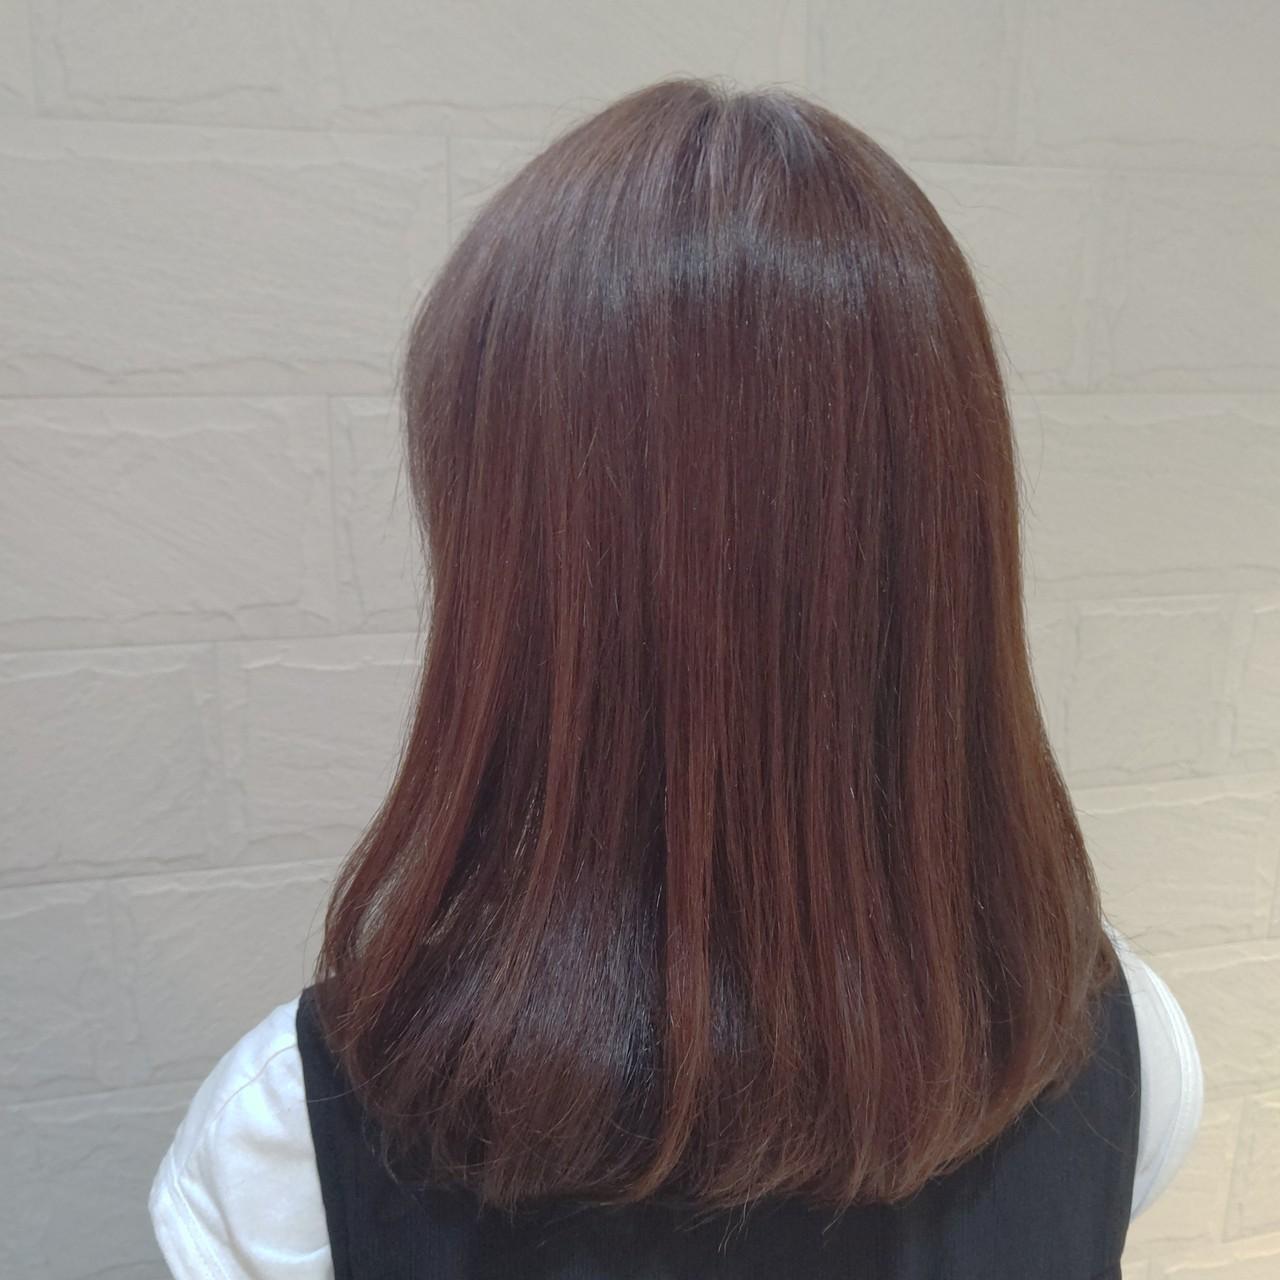 オレンジカラー オレンジ オレンジブラウン ミディアムヘアスタイルや髪型の写真・画像